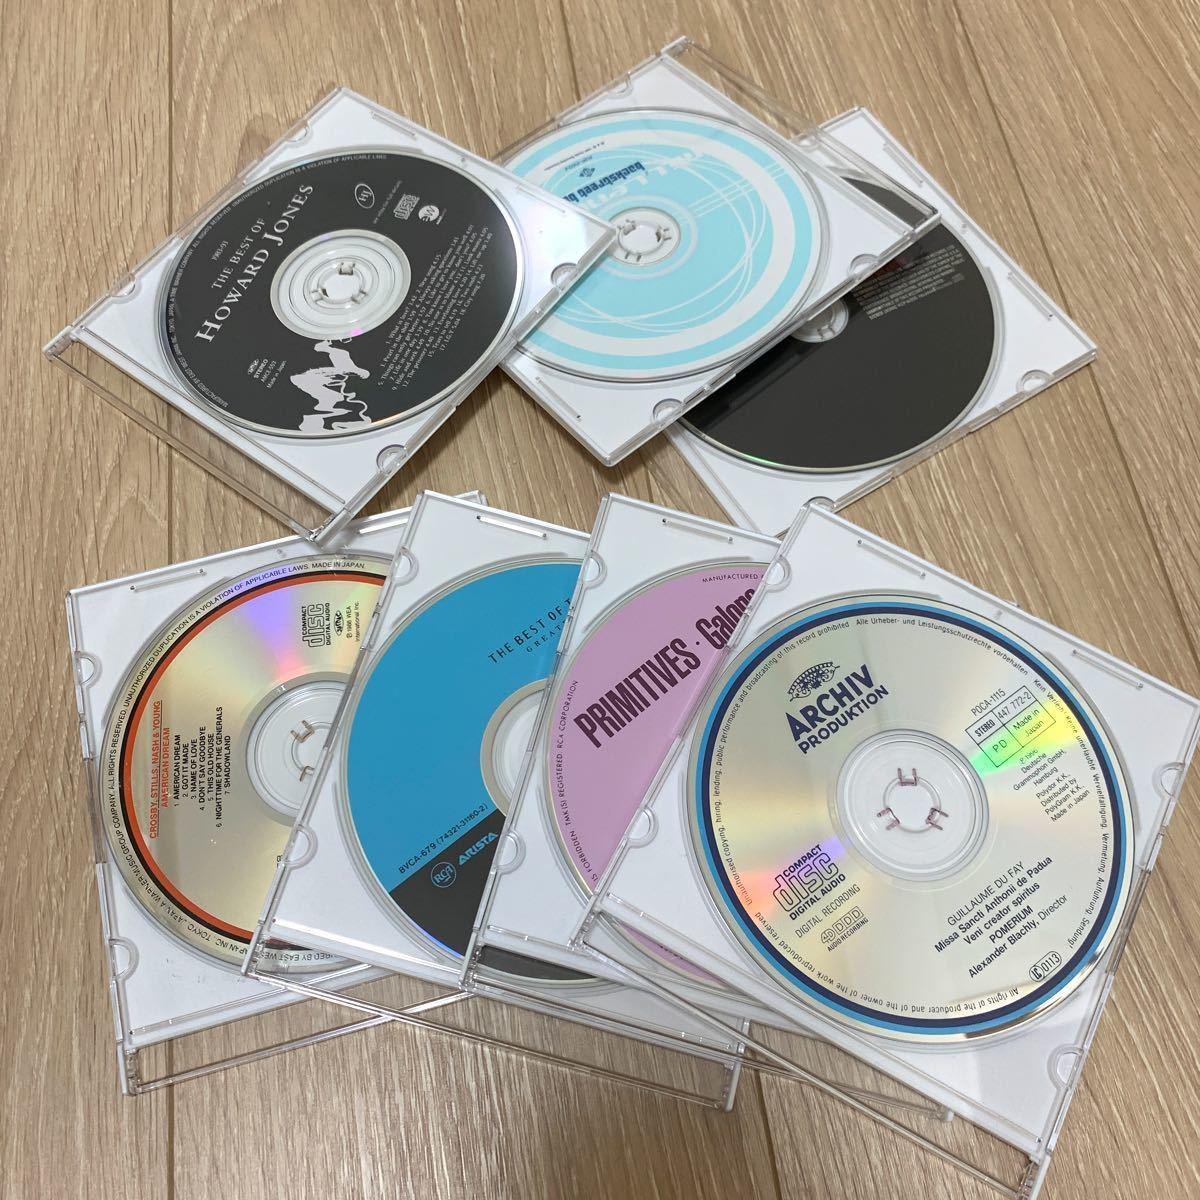 洋楽 CD 7枚セット アルバム 歌詞カードなし